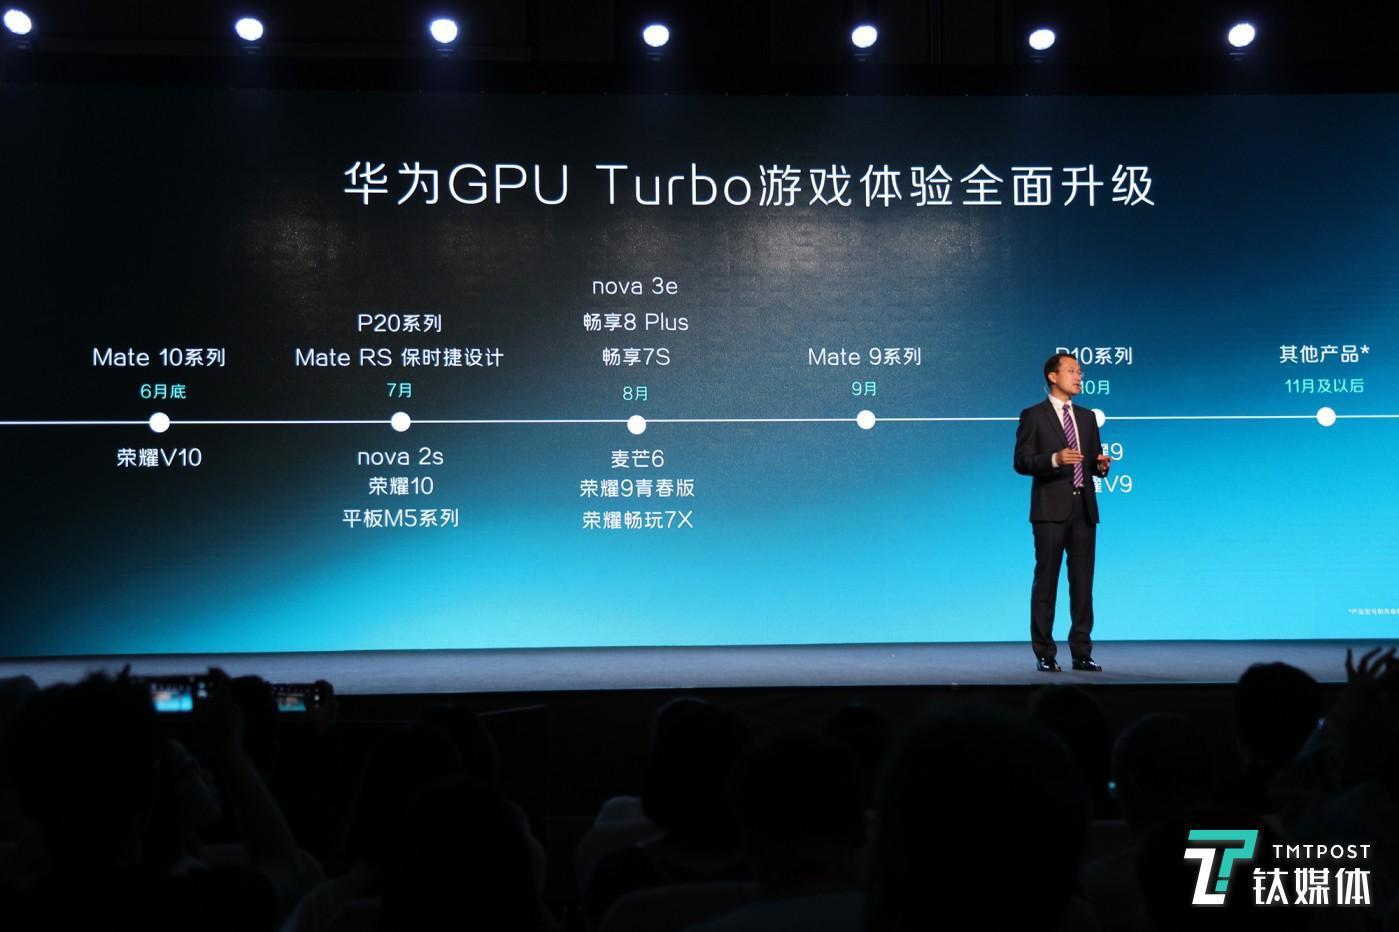 未来GPU Turbo技术将搭载到华为更多手机中